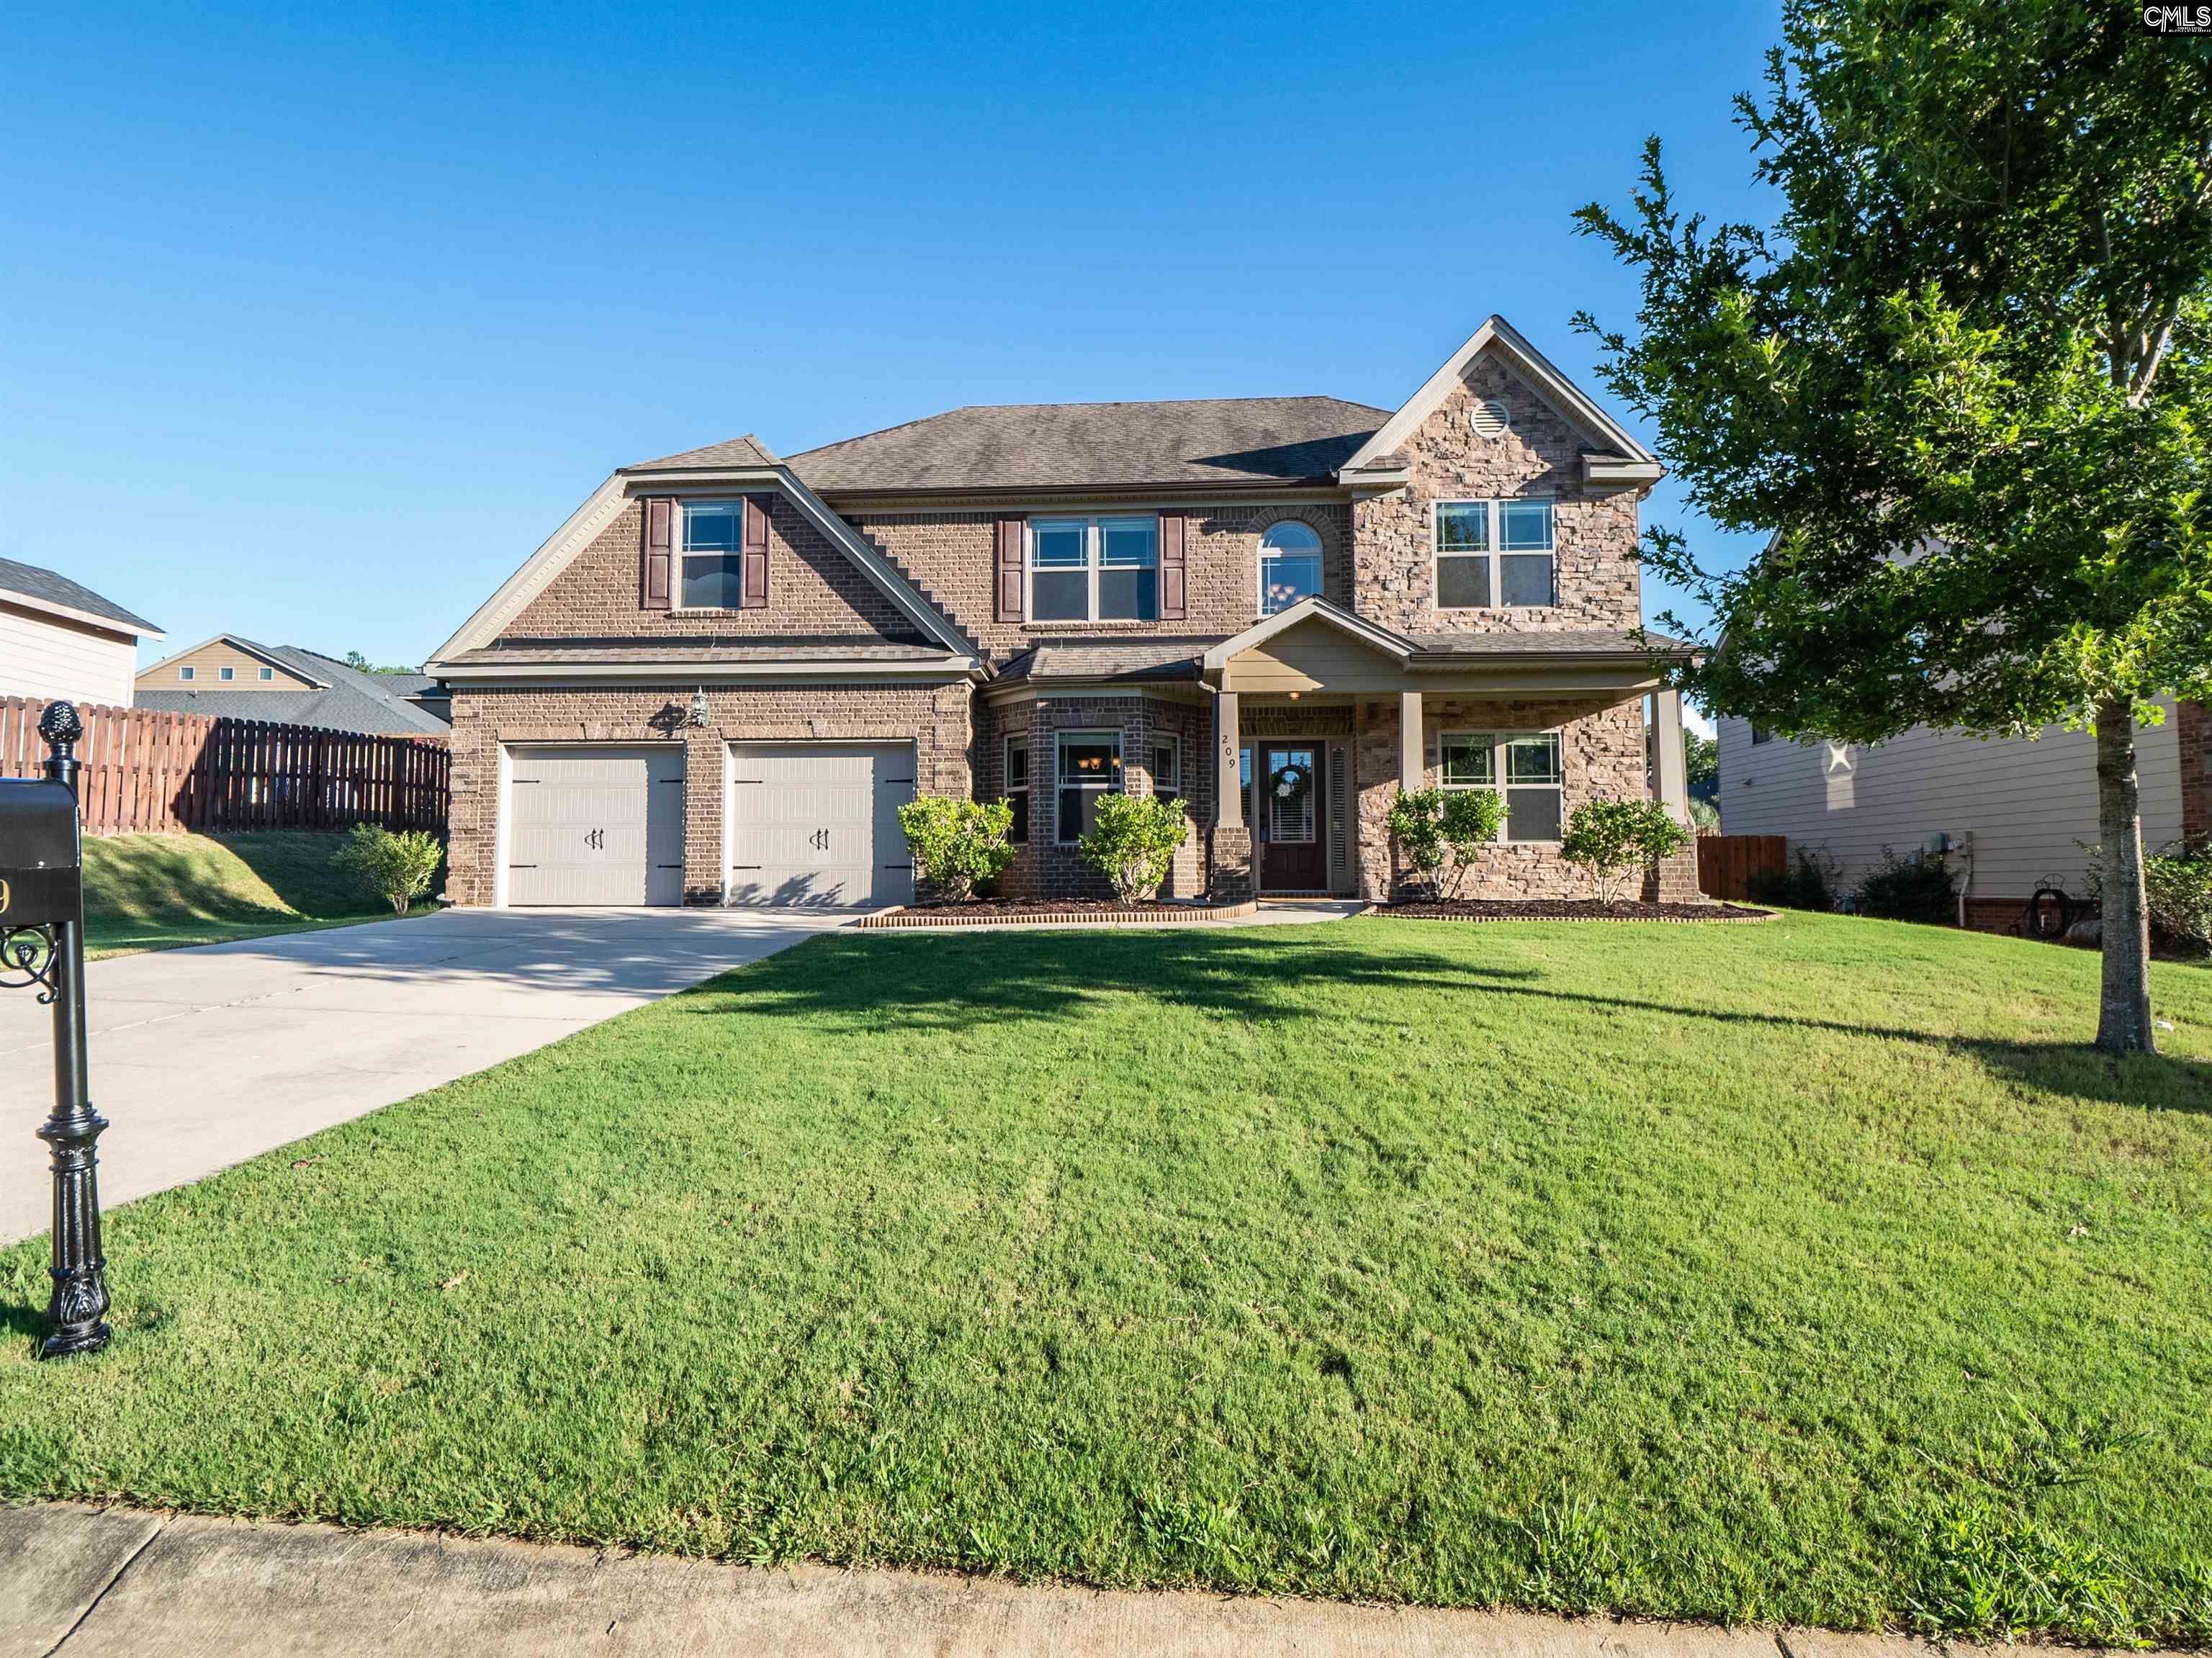 209 White Oleander Drive Lexington, SC 29072